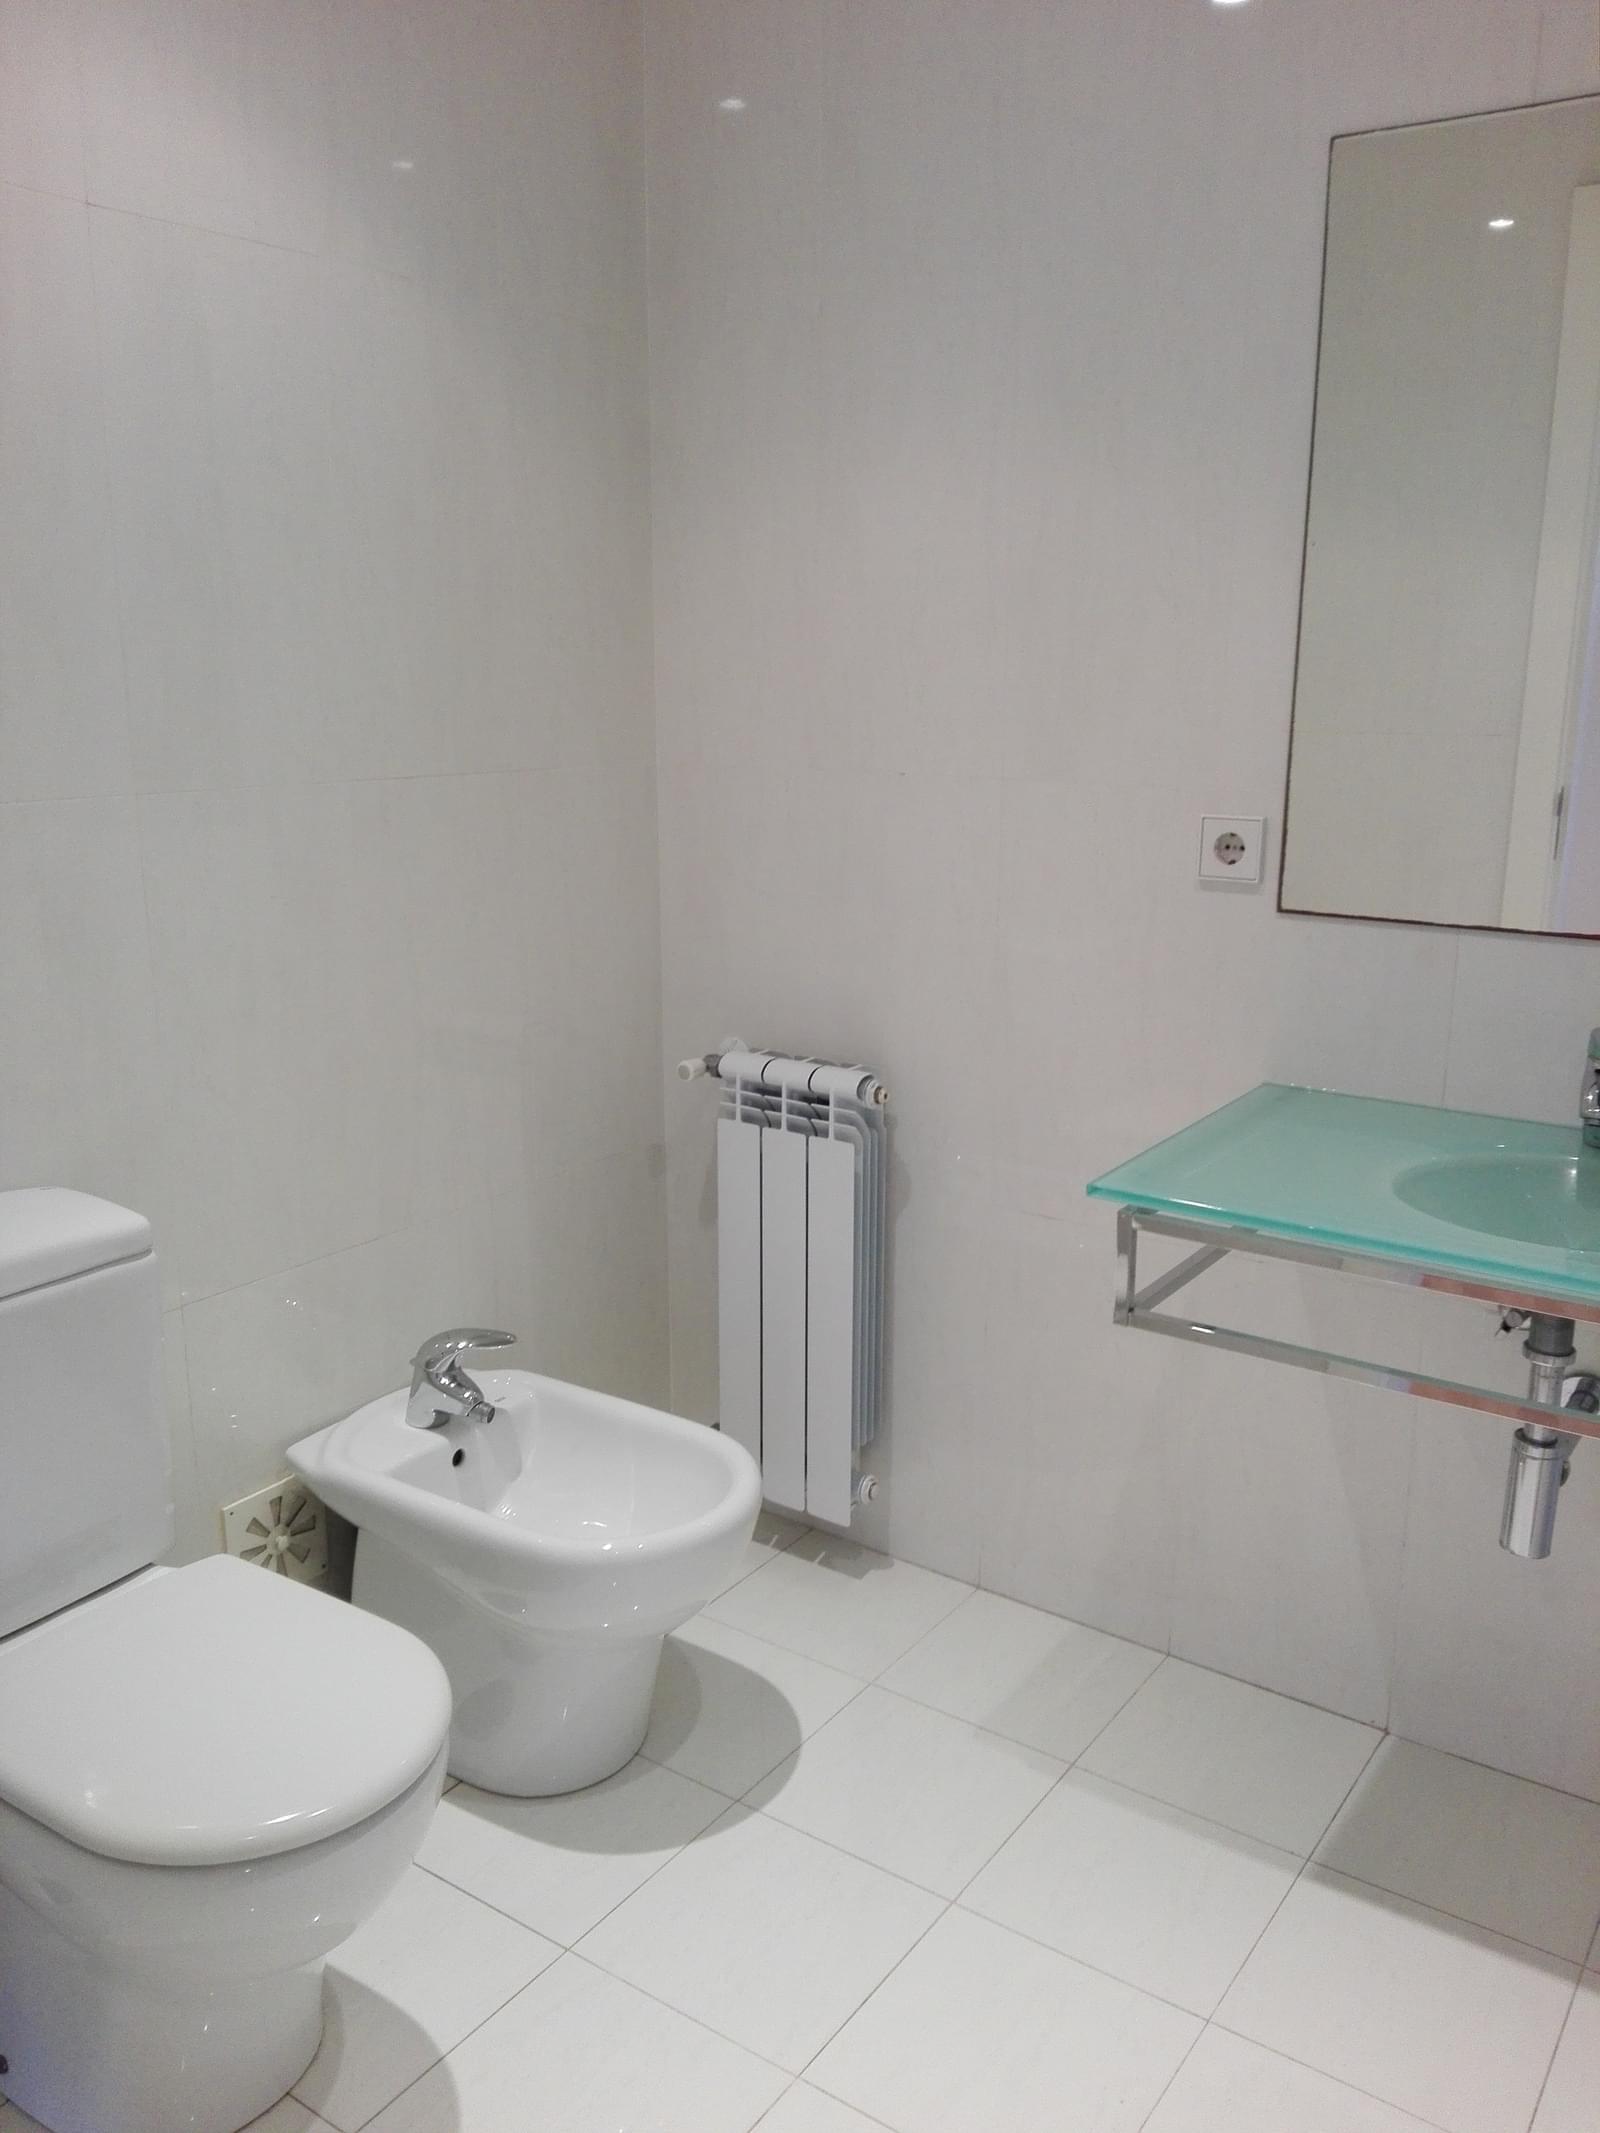 pf18814-apartamento-t2-lisboa-c59422cf-7556-4256-a9ee-9420588d6b3d